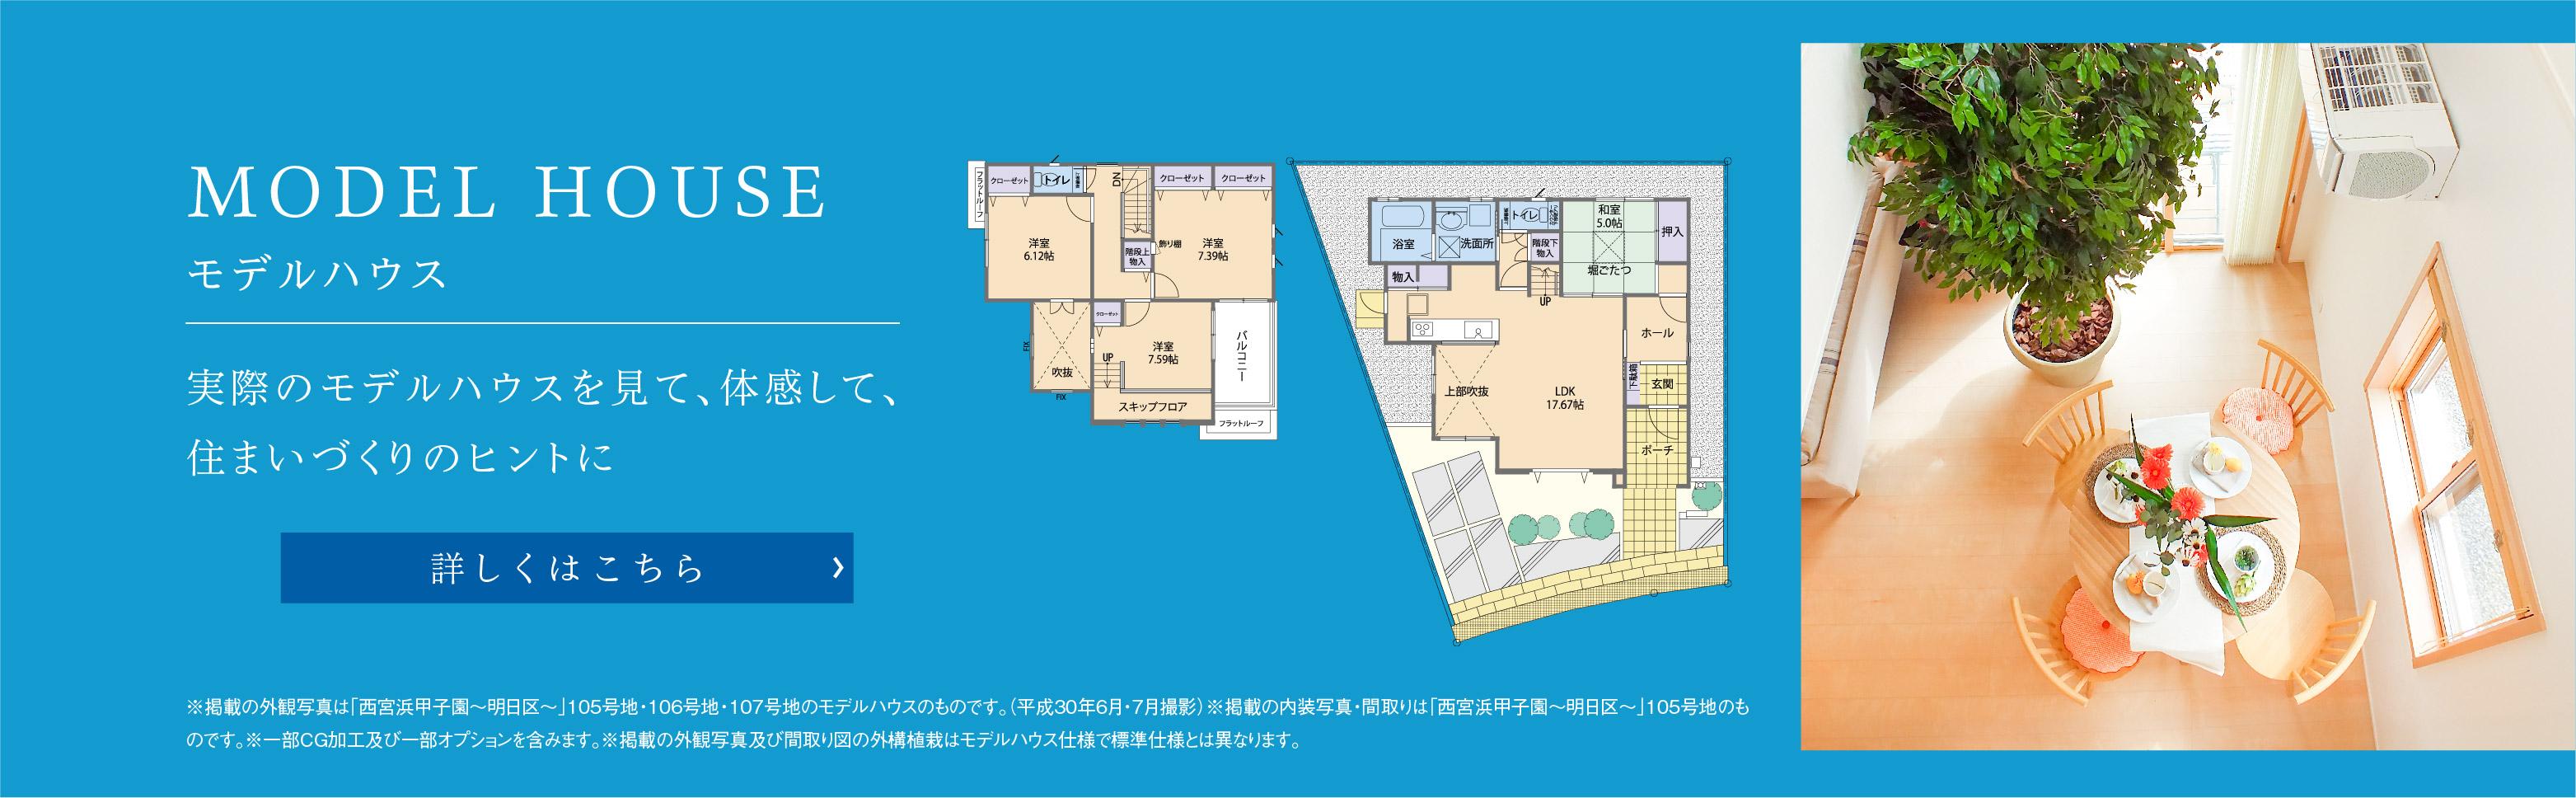 【西宮浜甲子園~明日区~】モデルハウス